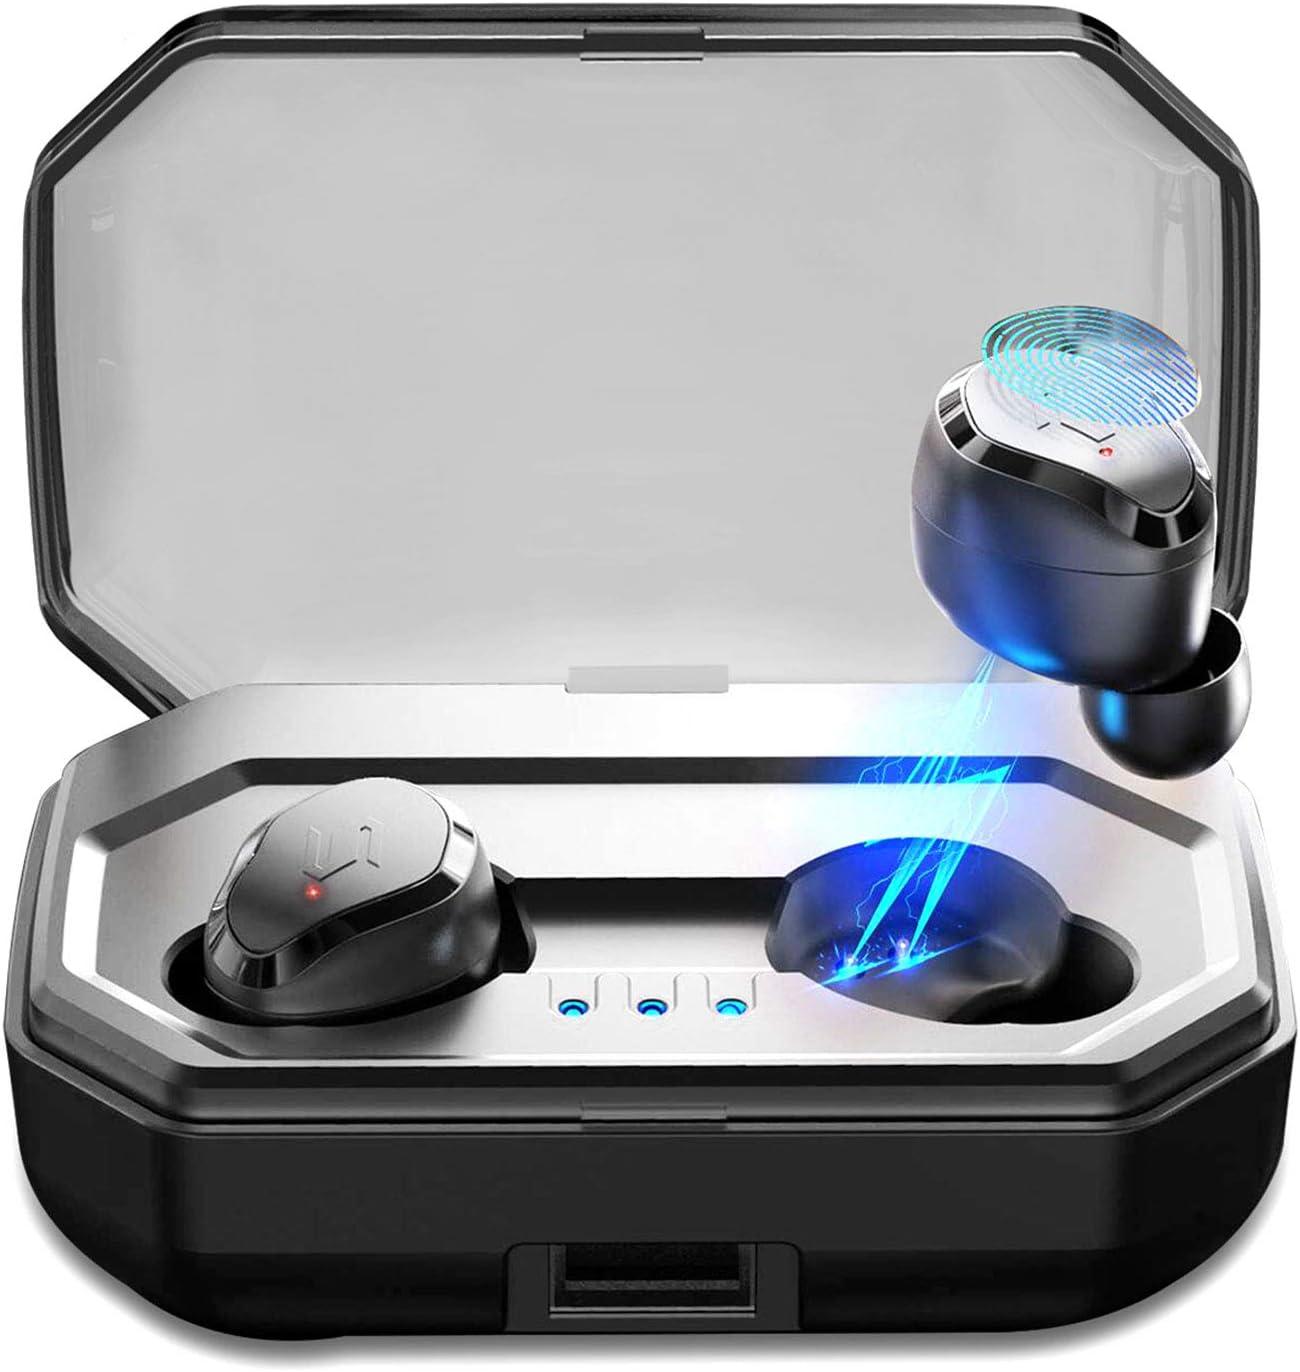 【Nuevo Versión】 Haronlo Auriculares Inalambricos Bluetooth 5.0, Auriculares Bluetooth Estéreo Hi-Fi Sonido IPX7 Resistentes al Agua, 90H Autonomía 3000mAh Estuche de Carga para iPhone y Android